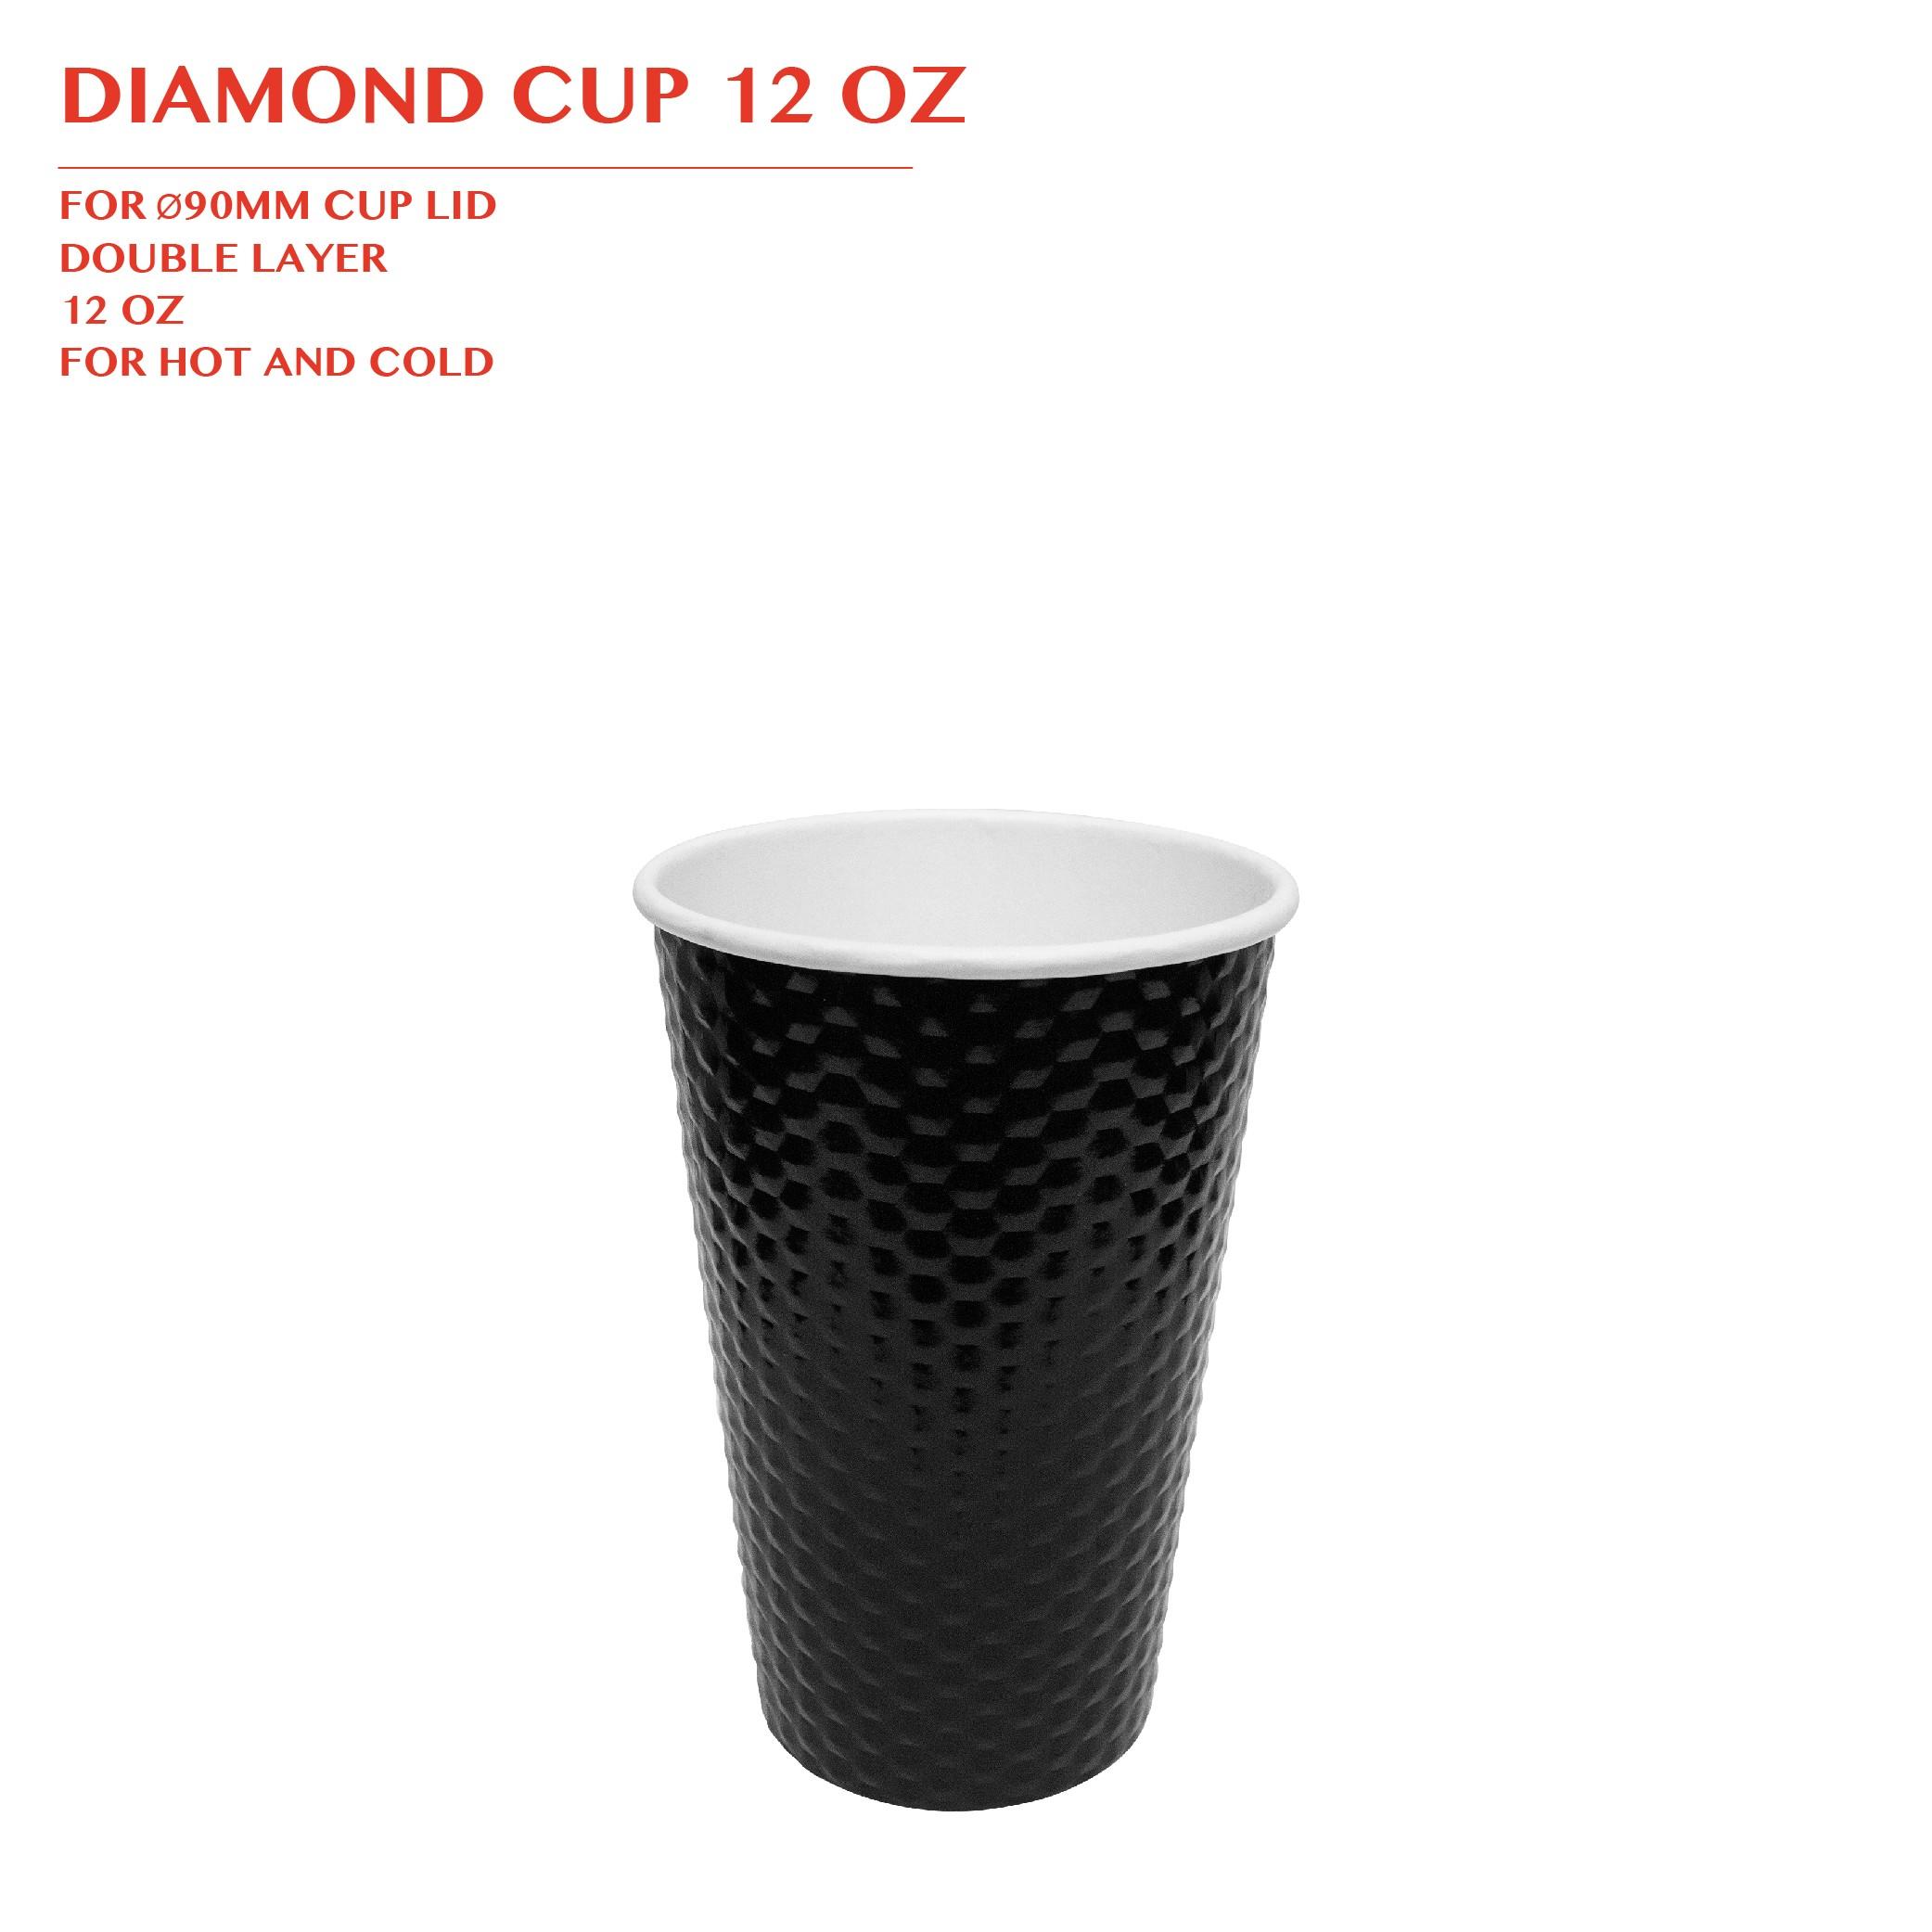 PRE-ORDER DIAMOND CUP 12 OZ 1000PCS/CTN